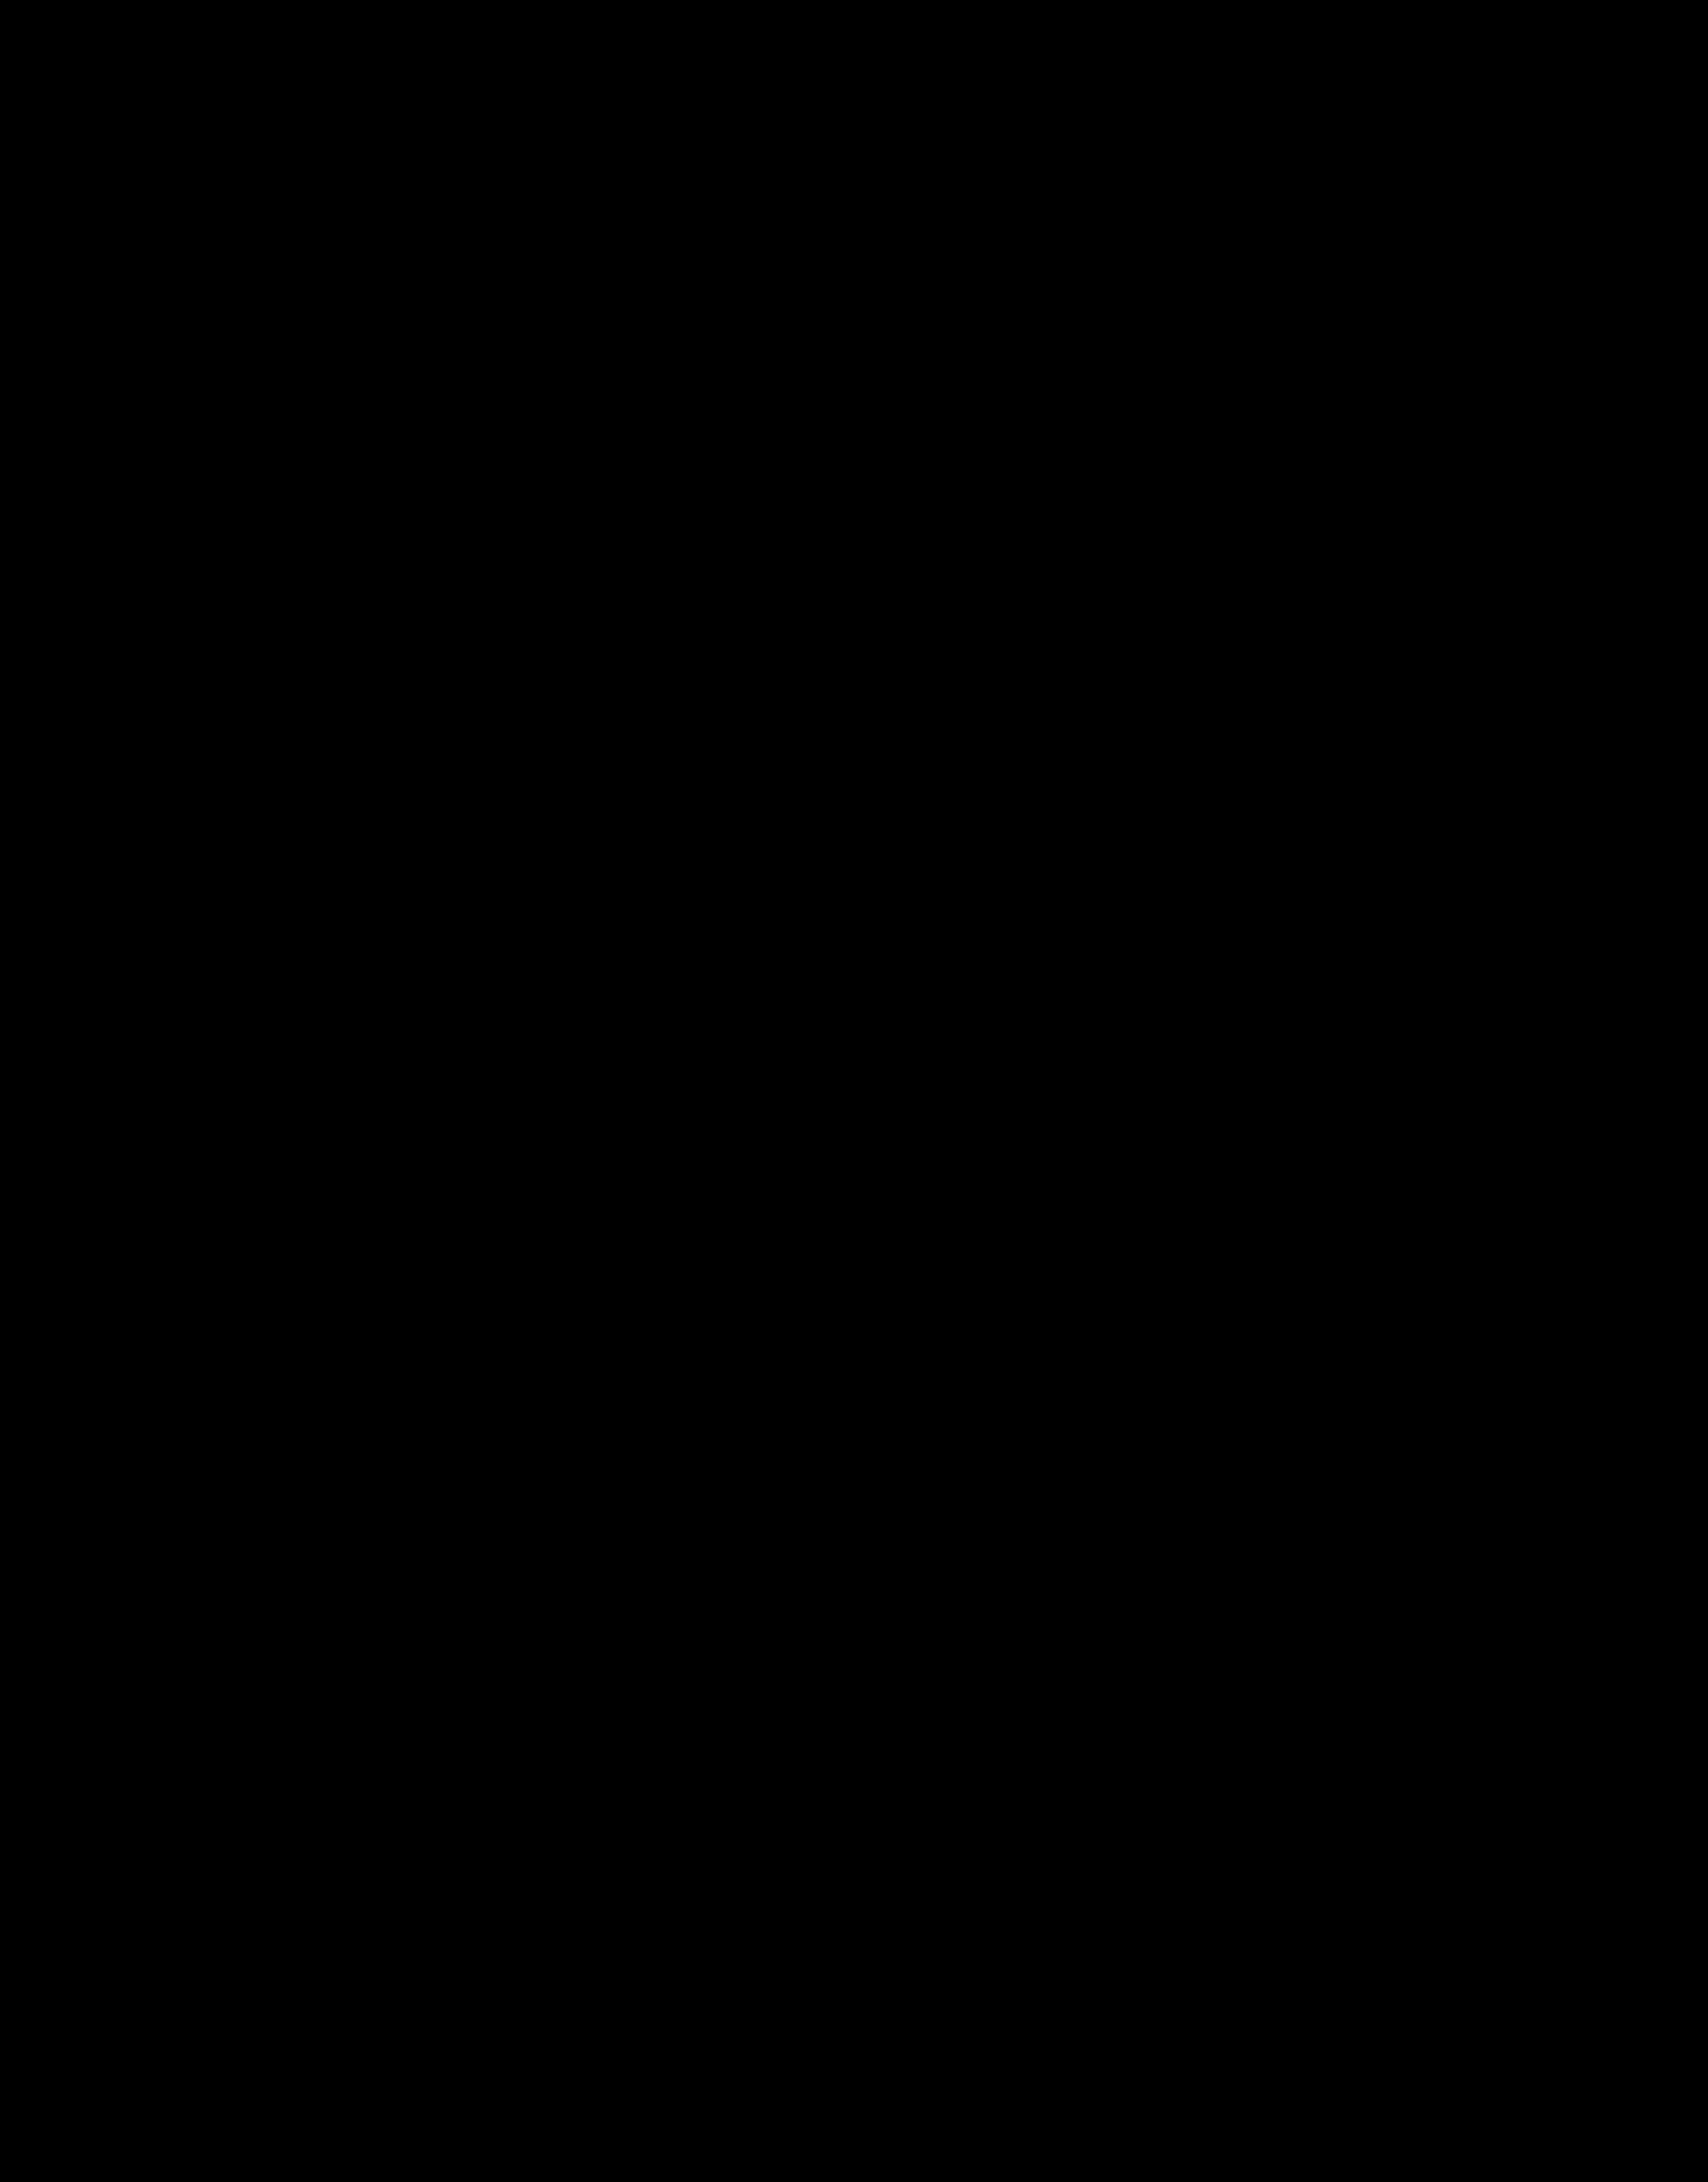 National Memorial Association pamphlet 1